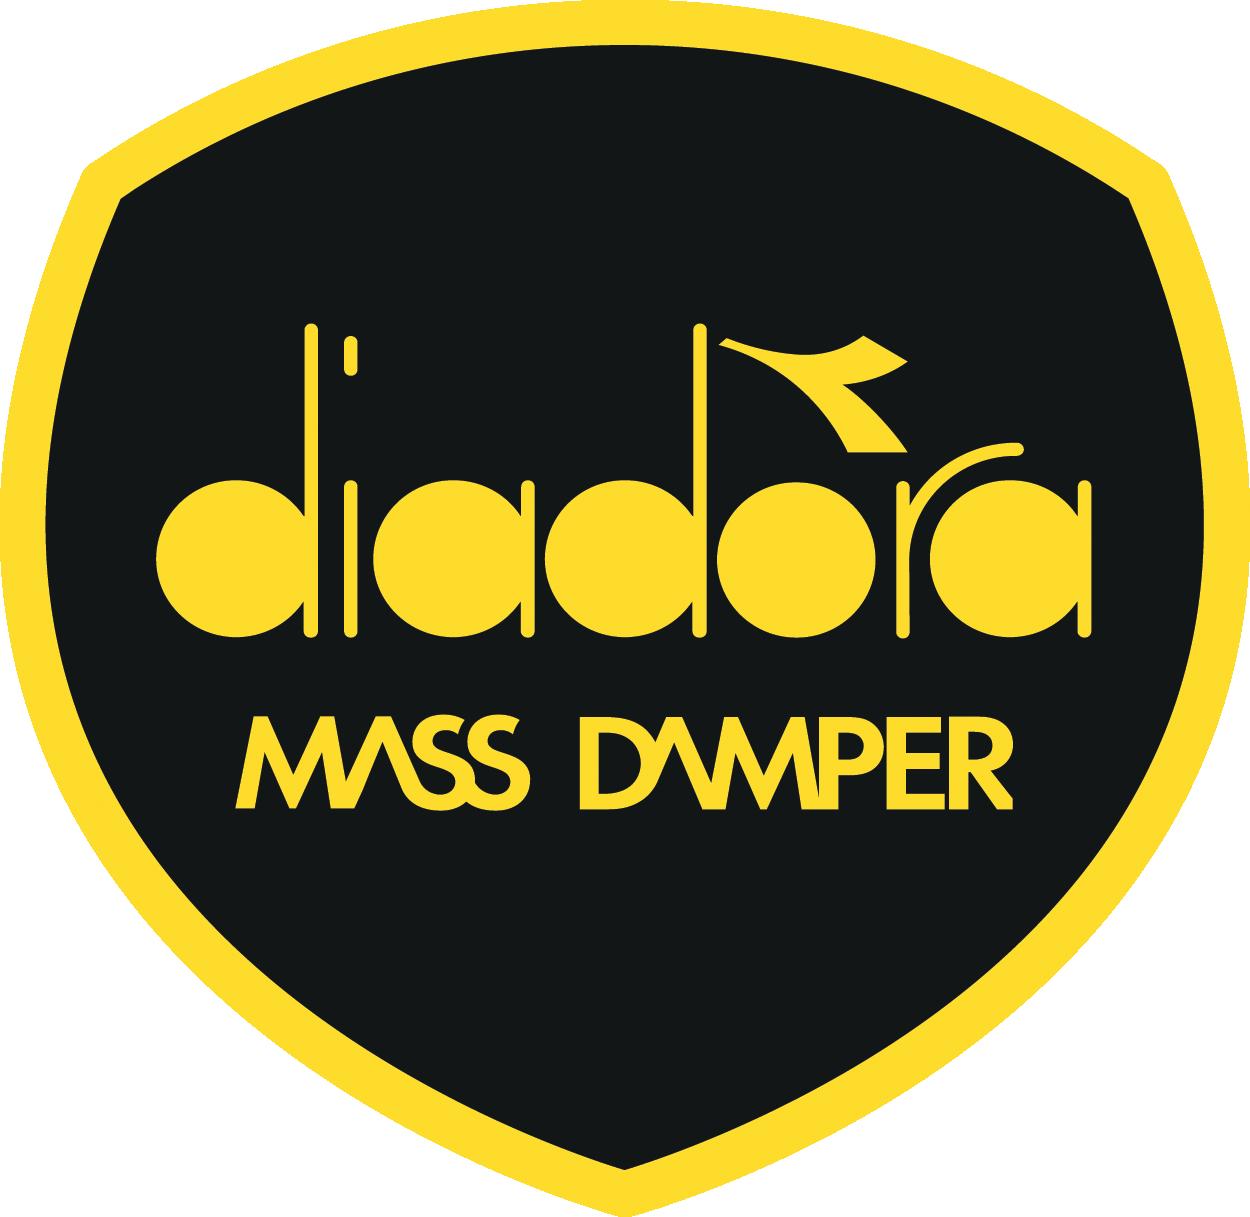 Mass Damper